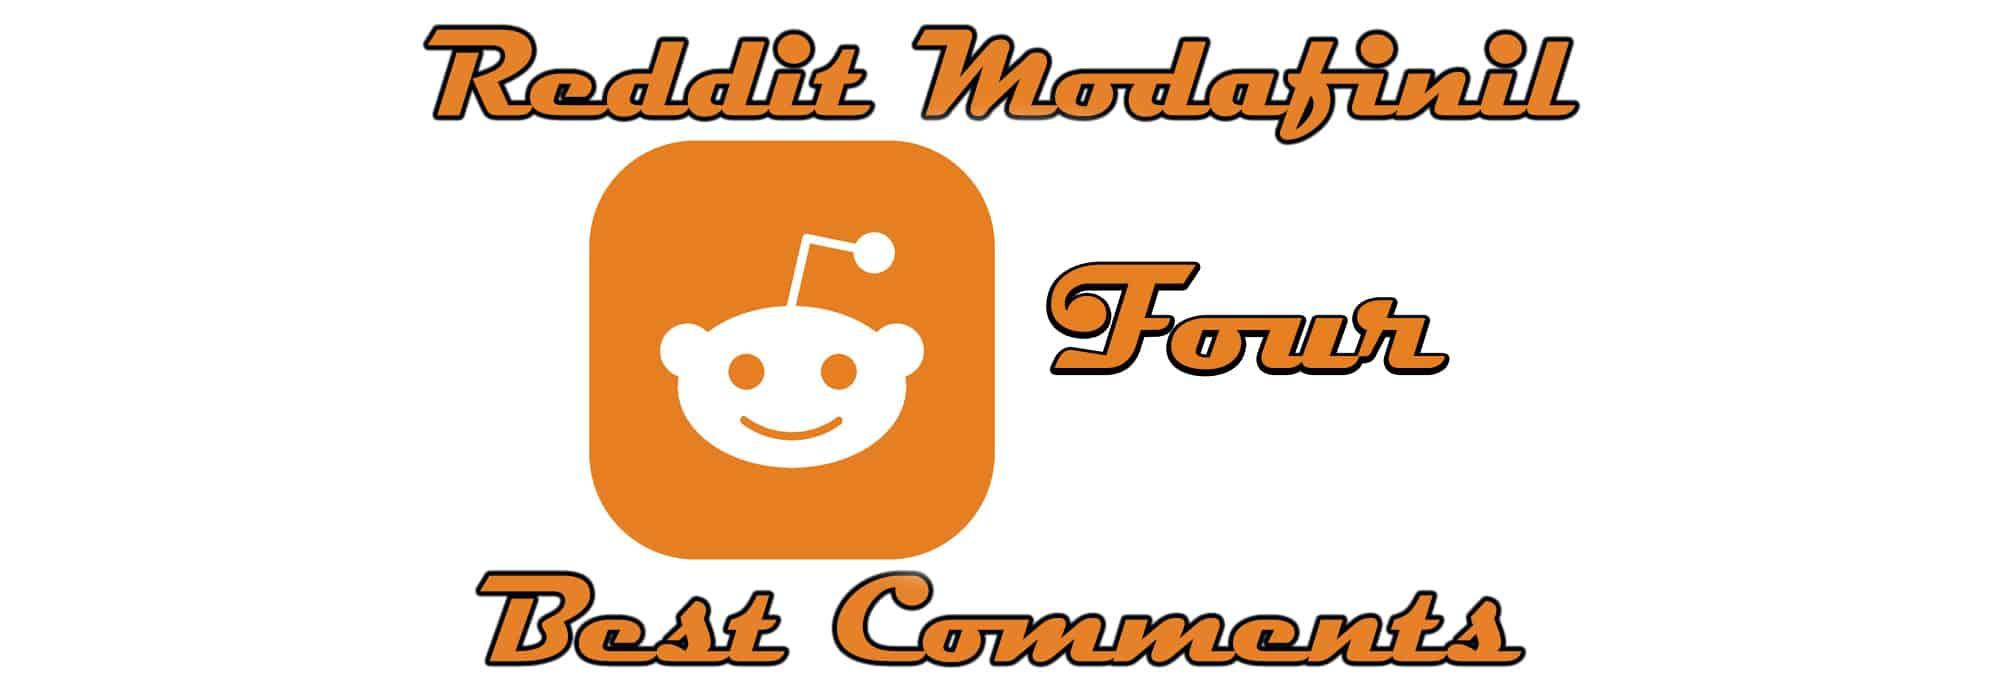 Best Reddit Modafinil Comments 4